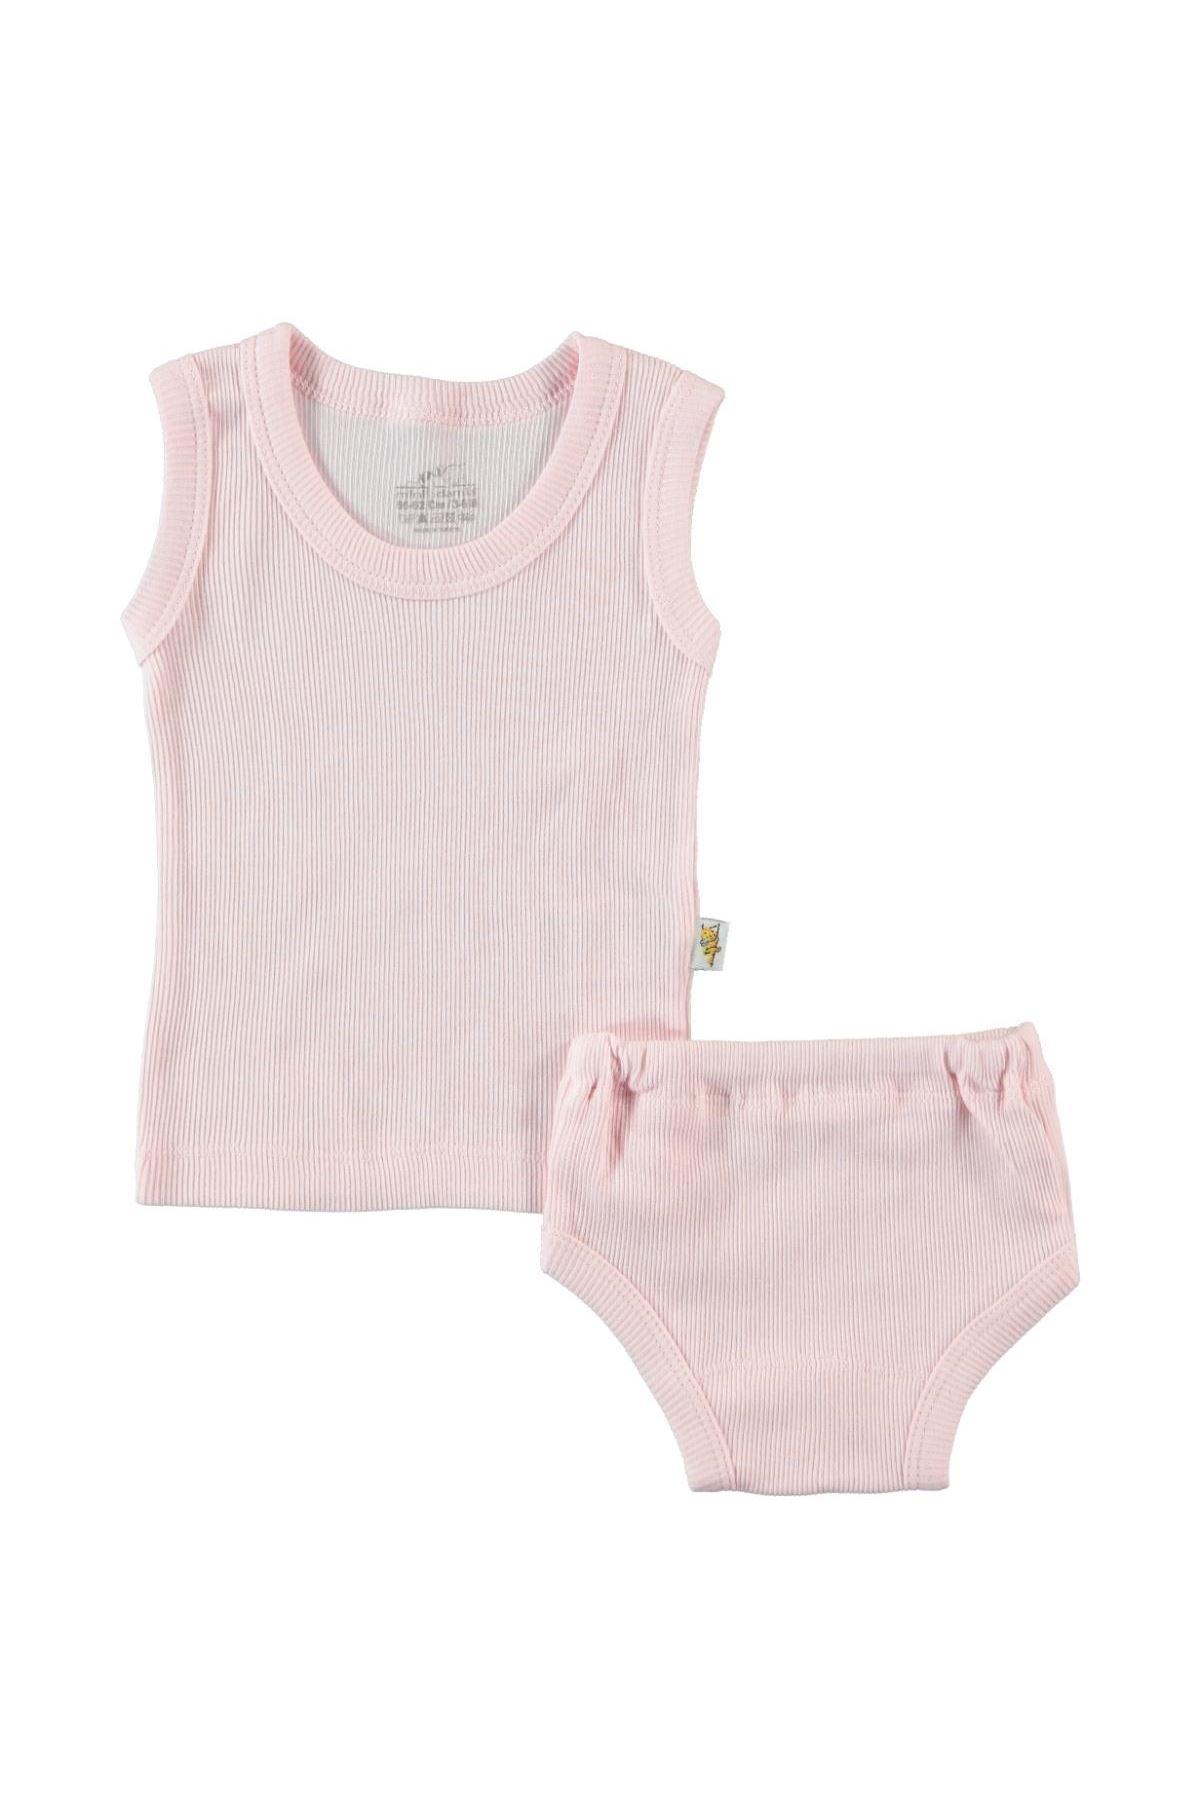 Albimini Minidamla Kaşkorse Bebe Askılı Çamaşır Takımı 42770 Pembe